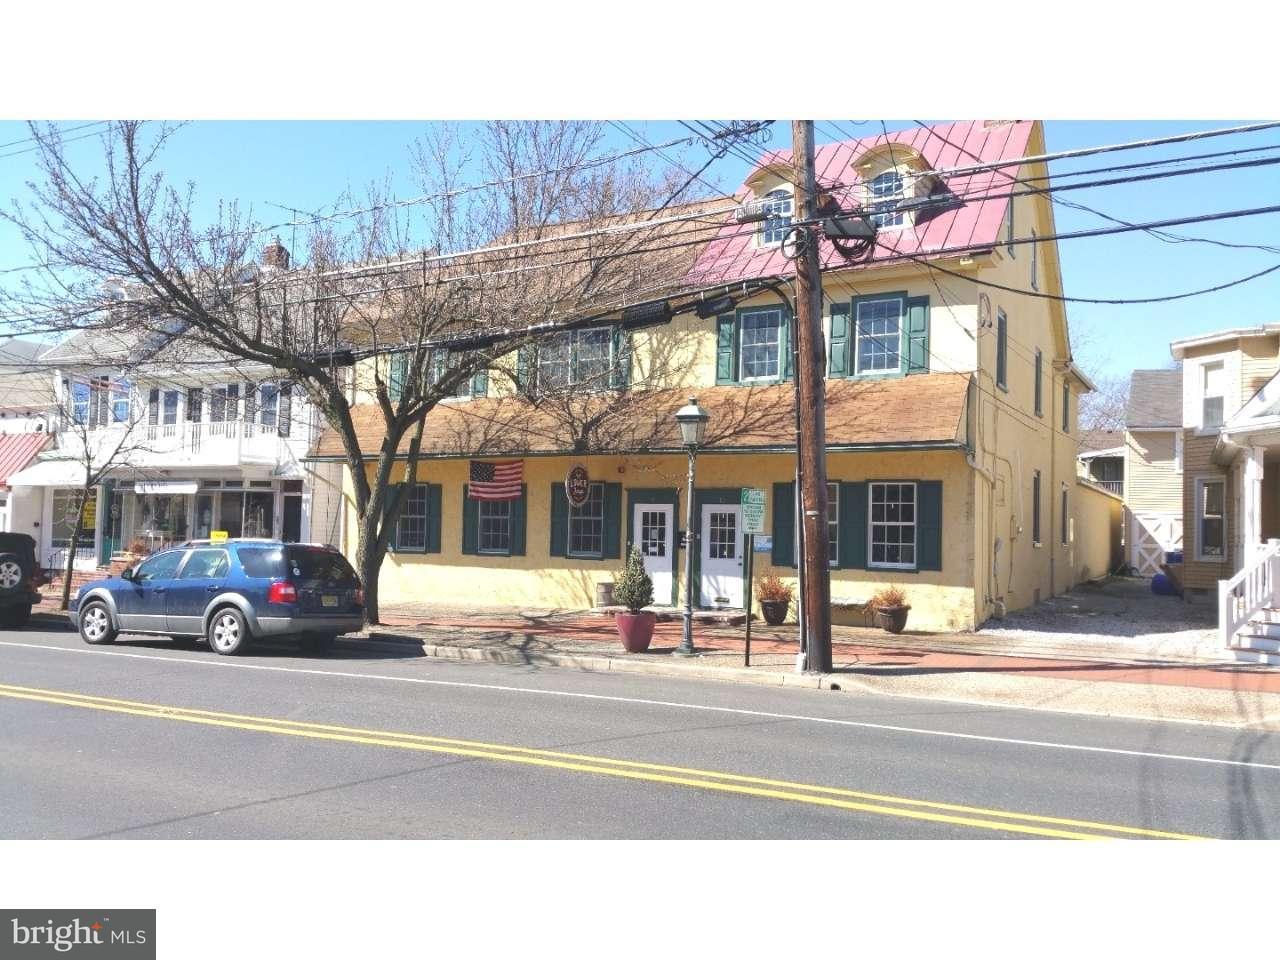 独户住宅 为 销售 在 10 S MAIN Street Medford Township, 新泽西州 08055 美国